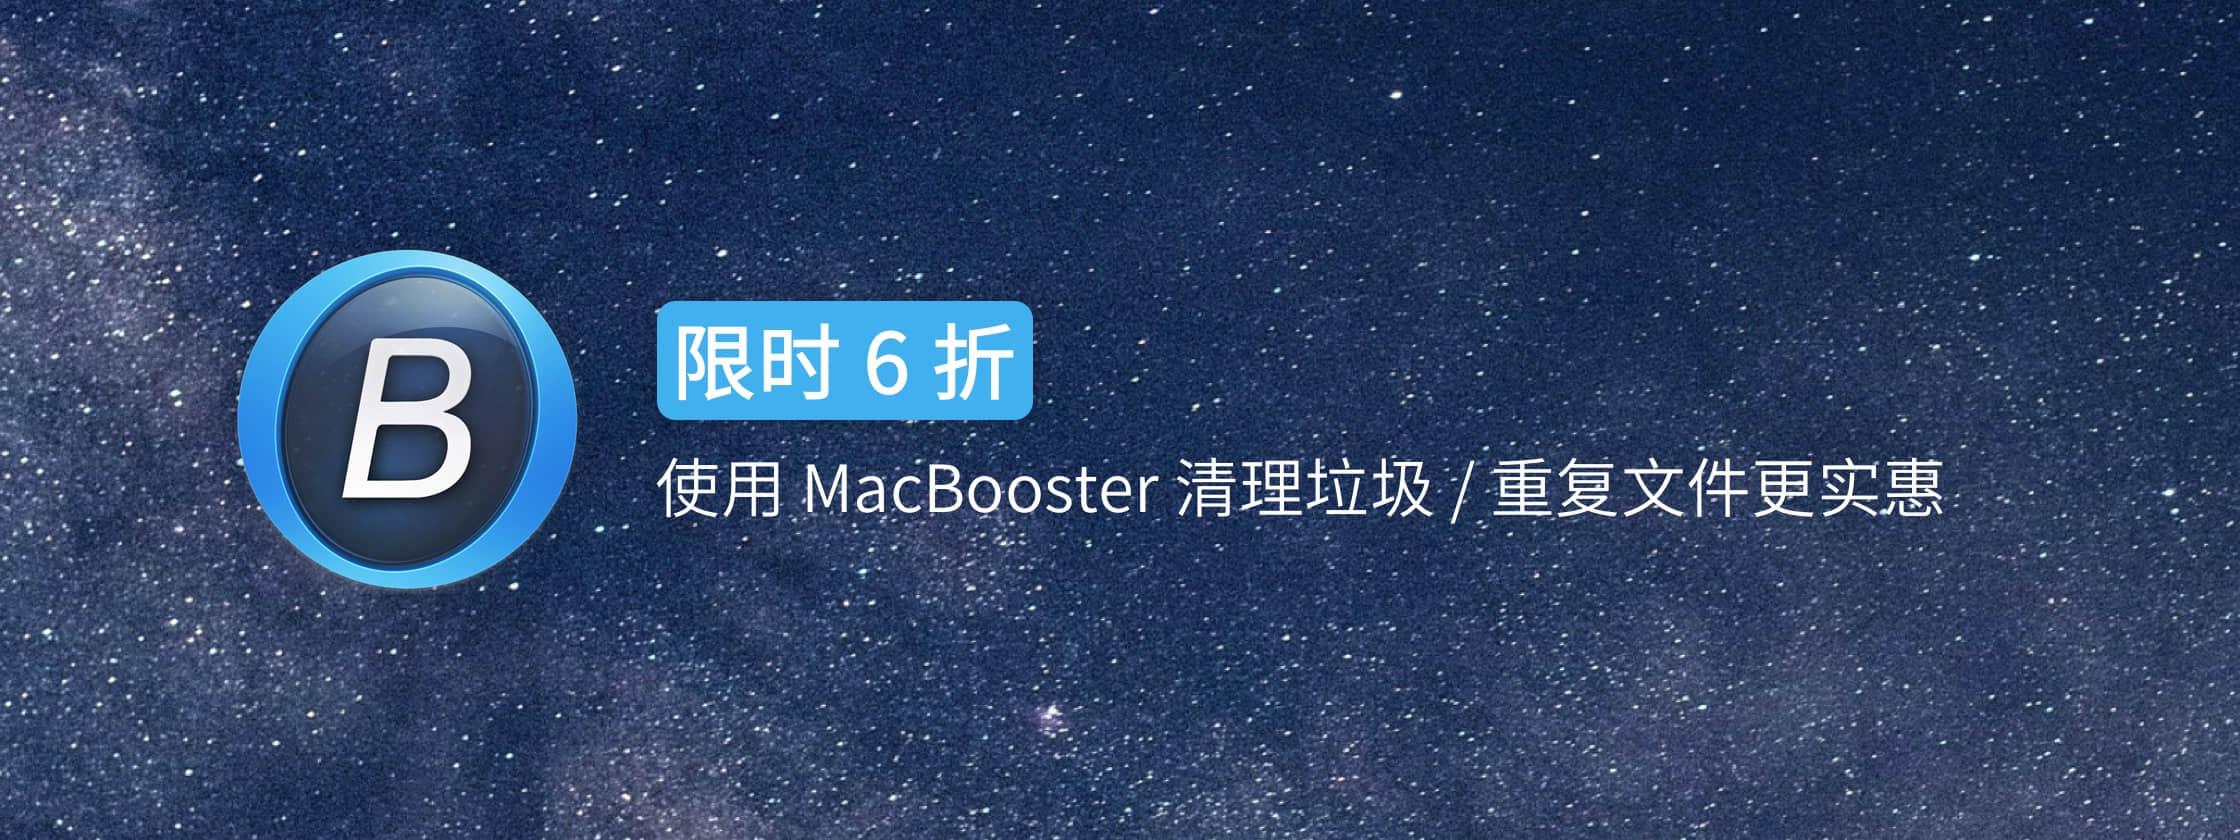 限时 6 折 | 功能不输CleanMyMac,使用 MacBooster 清理垃圾 / 重复文件更实惠